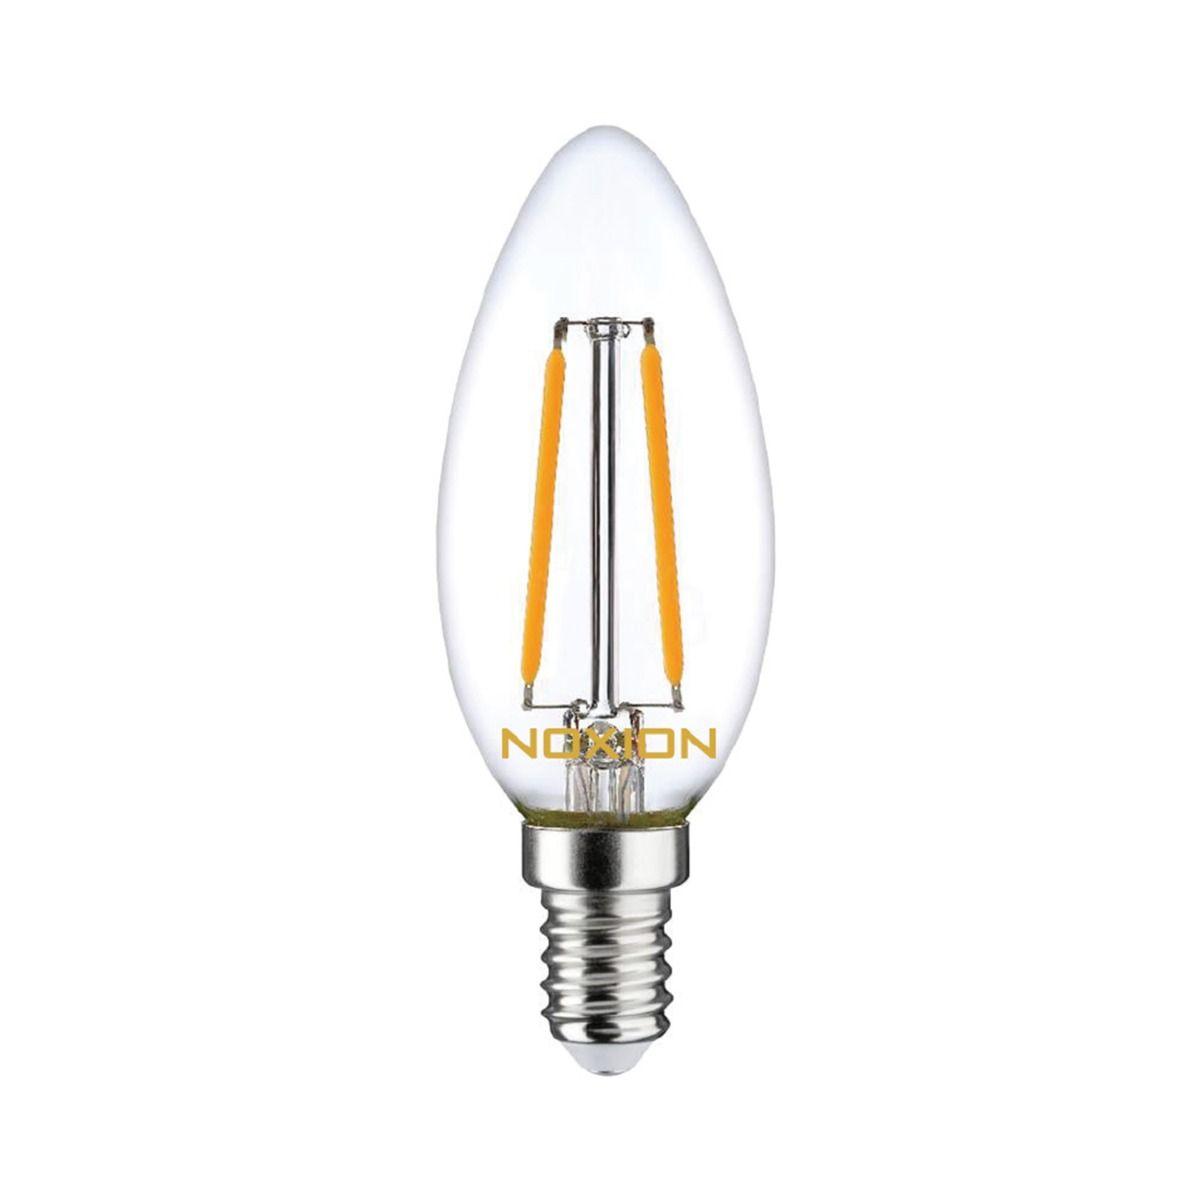 Noxion Lucent Filament LED Candle 2.5W 827 B35 E14 Claire   Remplacement 25W